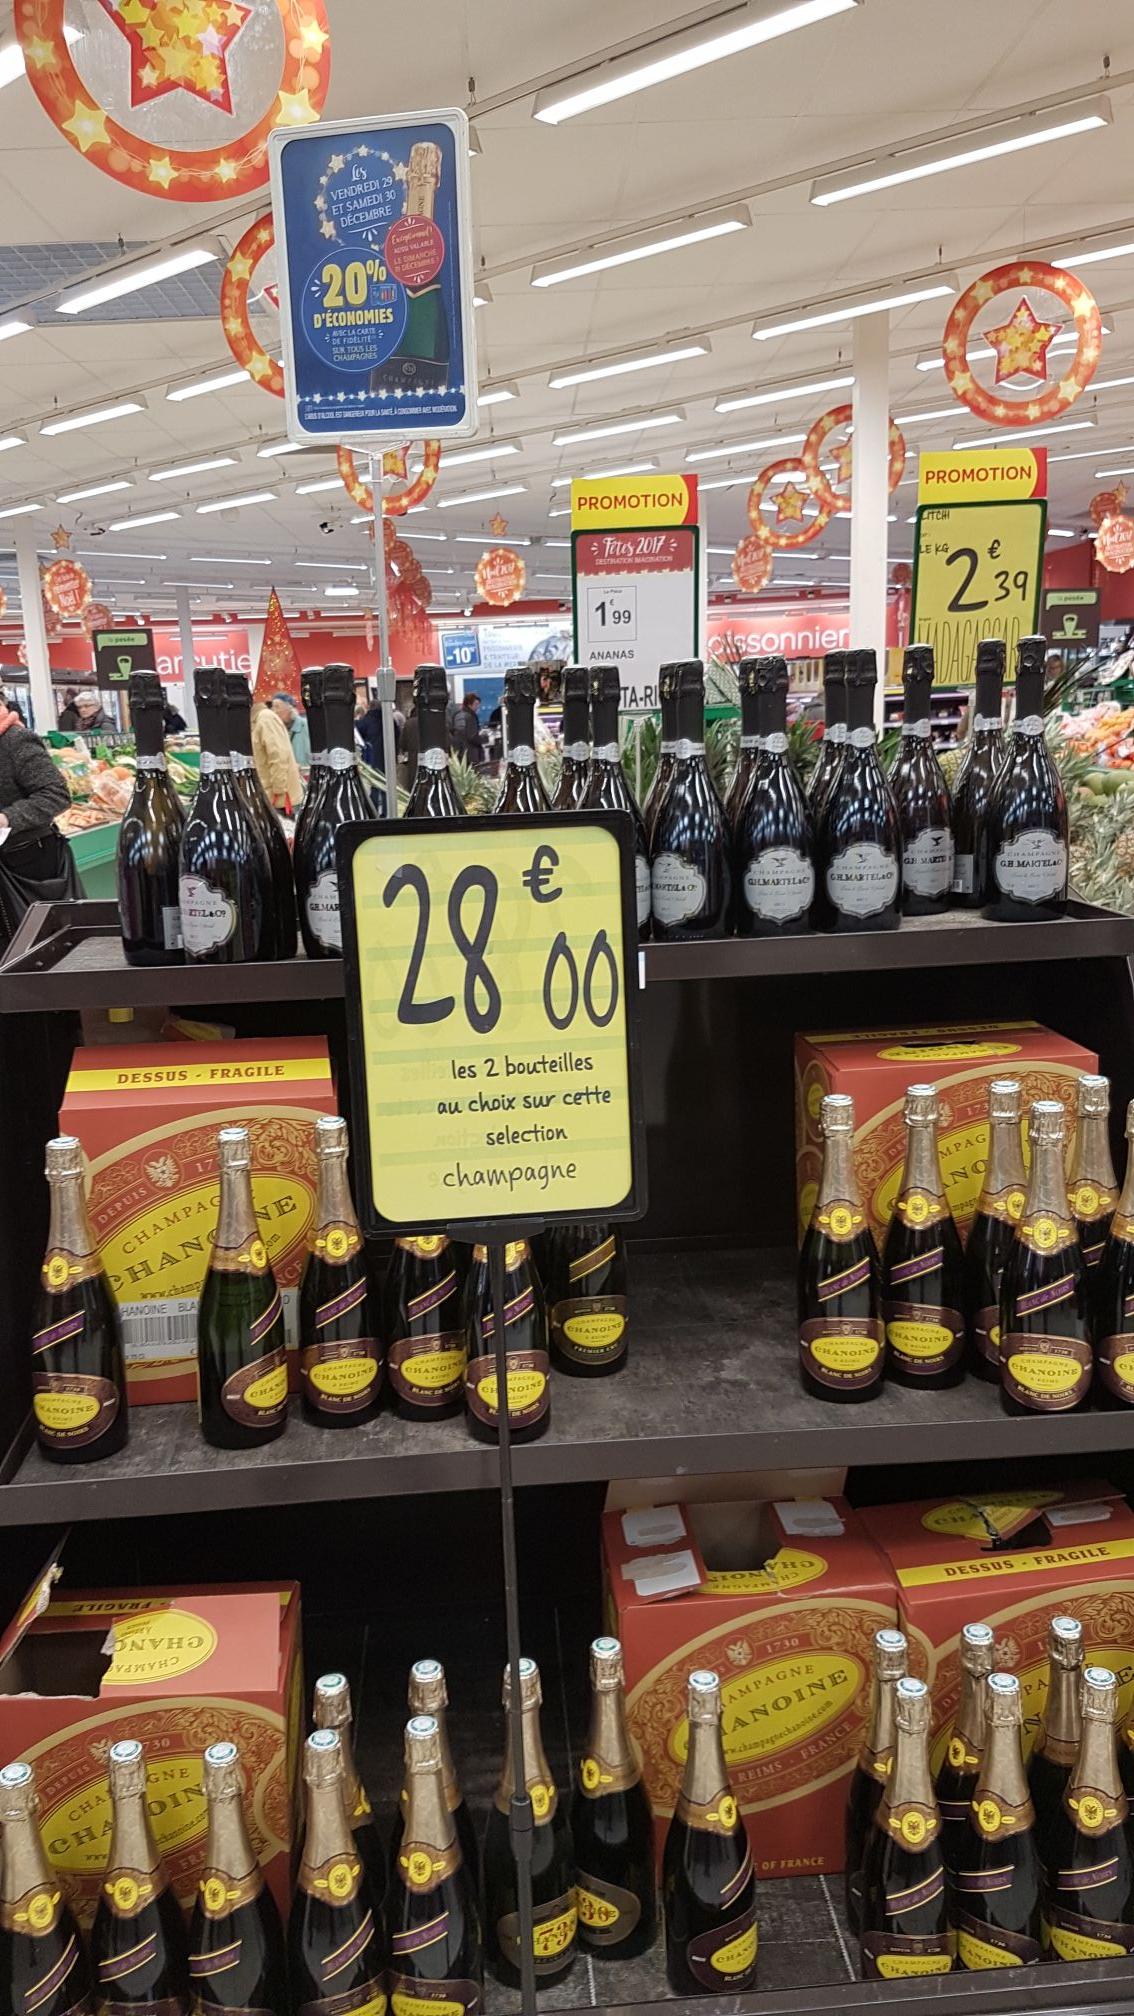 2 bouteilles de champagne au choix (via 5.6€ sur la carte fidélité) - Sotteville les Rouen (76)